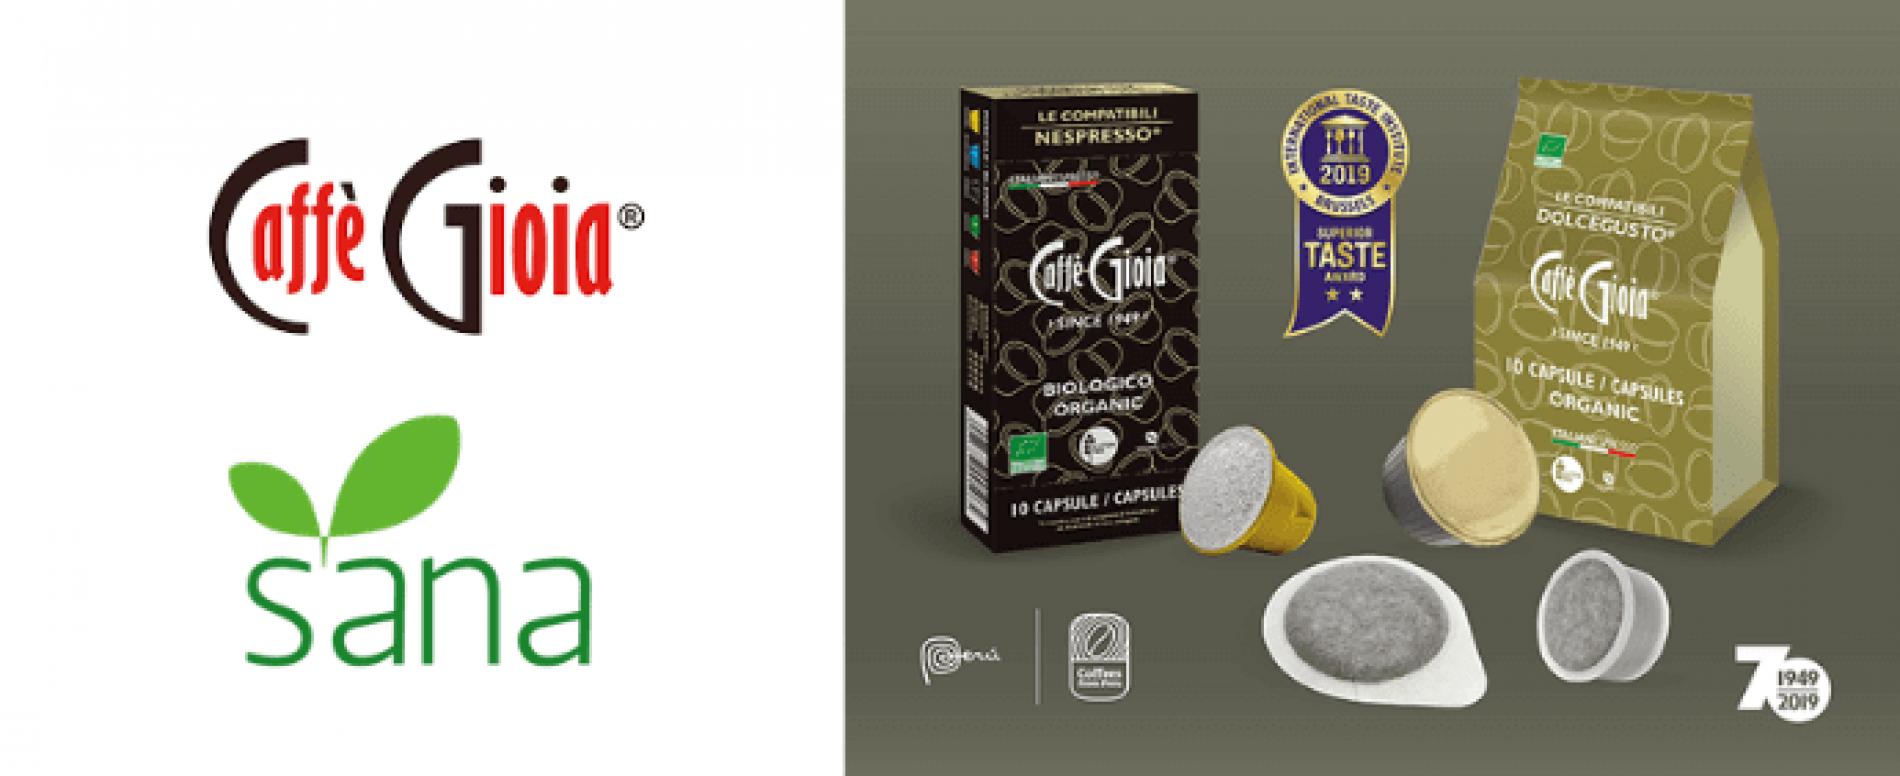 Caffè Gioia al SANA 2019 con la sua gamma di caffè Organic